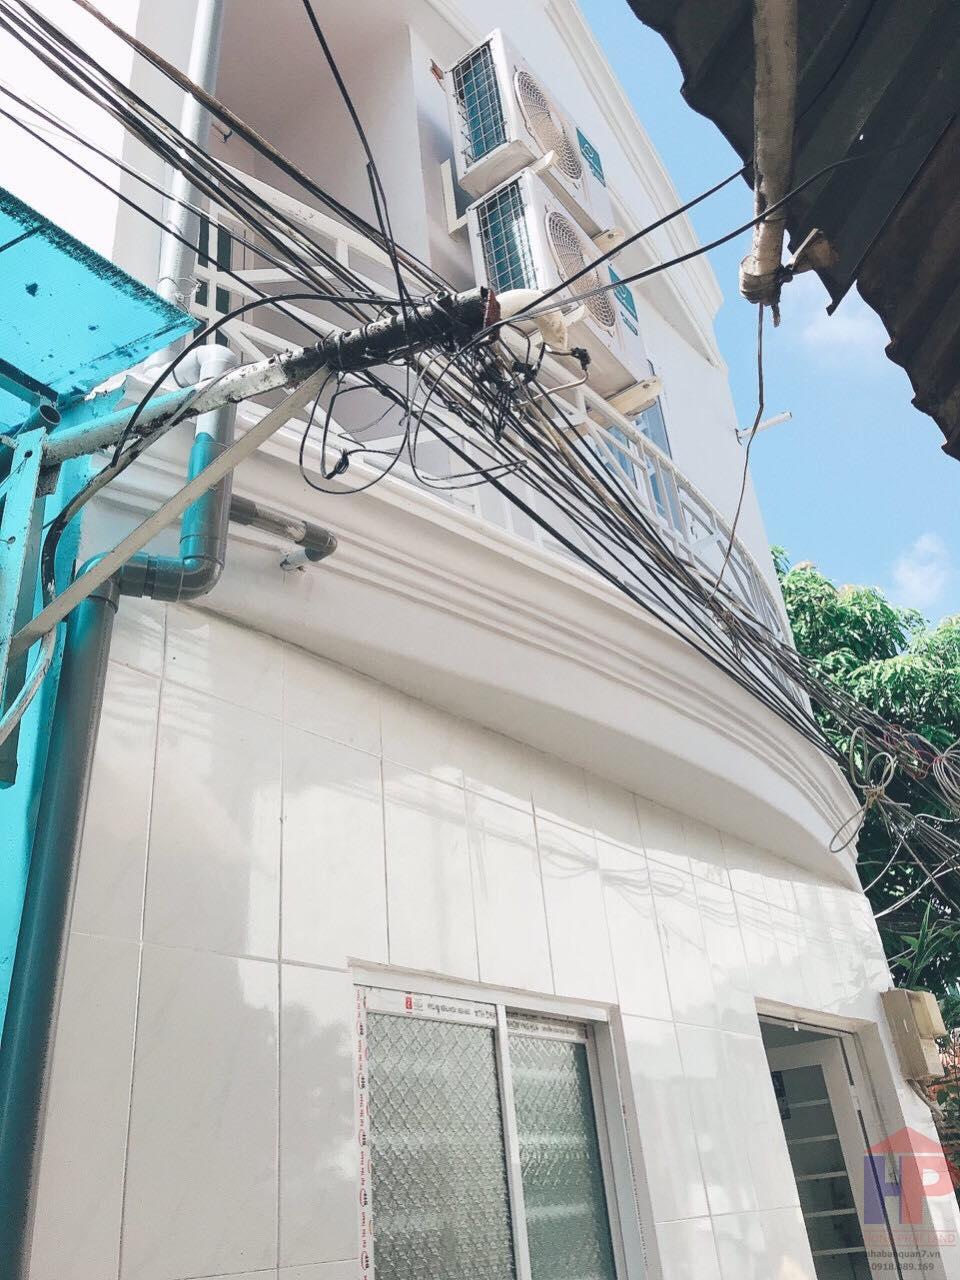 Bán nhà hẻm 38 Đặng Nhữ Lâm, Thị Trấn Nhà bè, Nhà Bè DT 54 m2 Giá 1.65 tỷ LH 0909477288